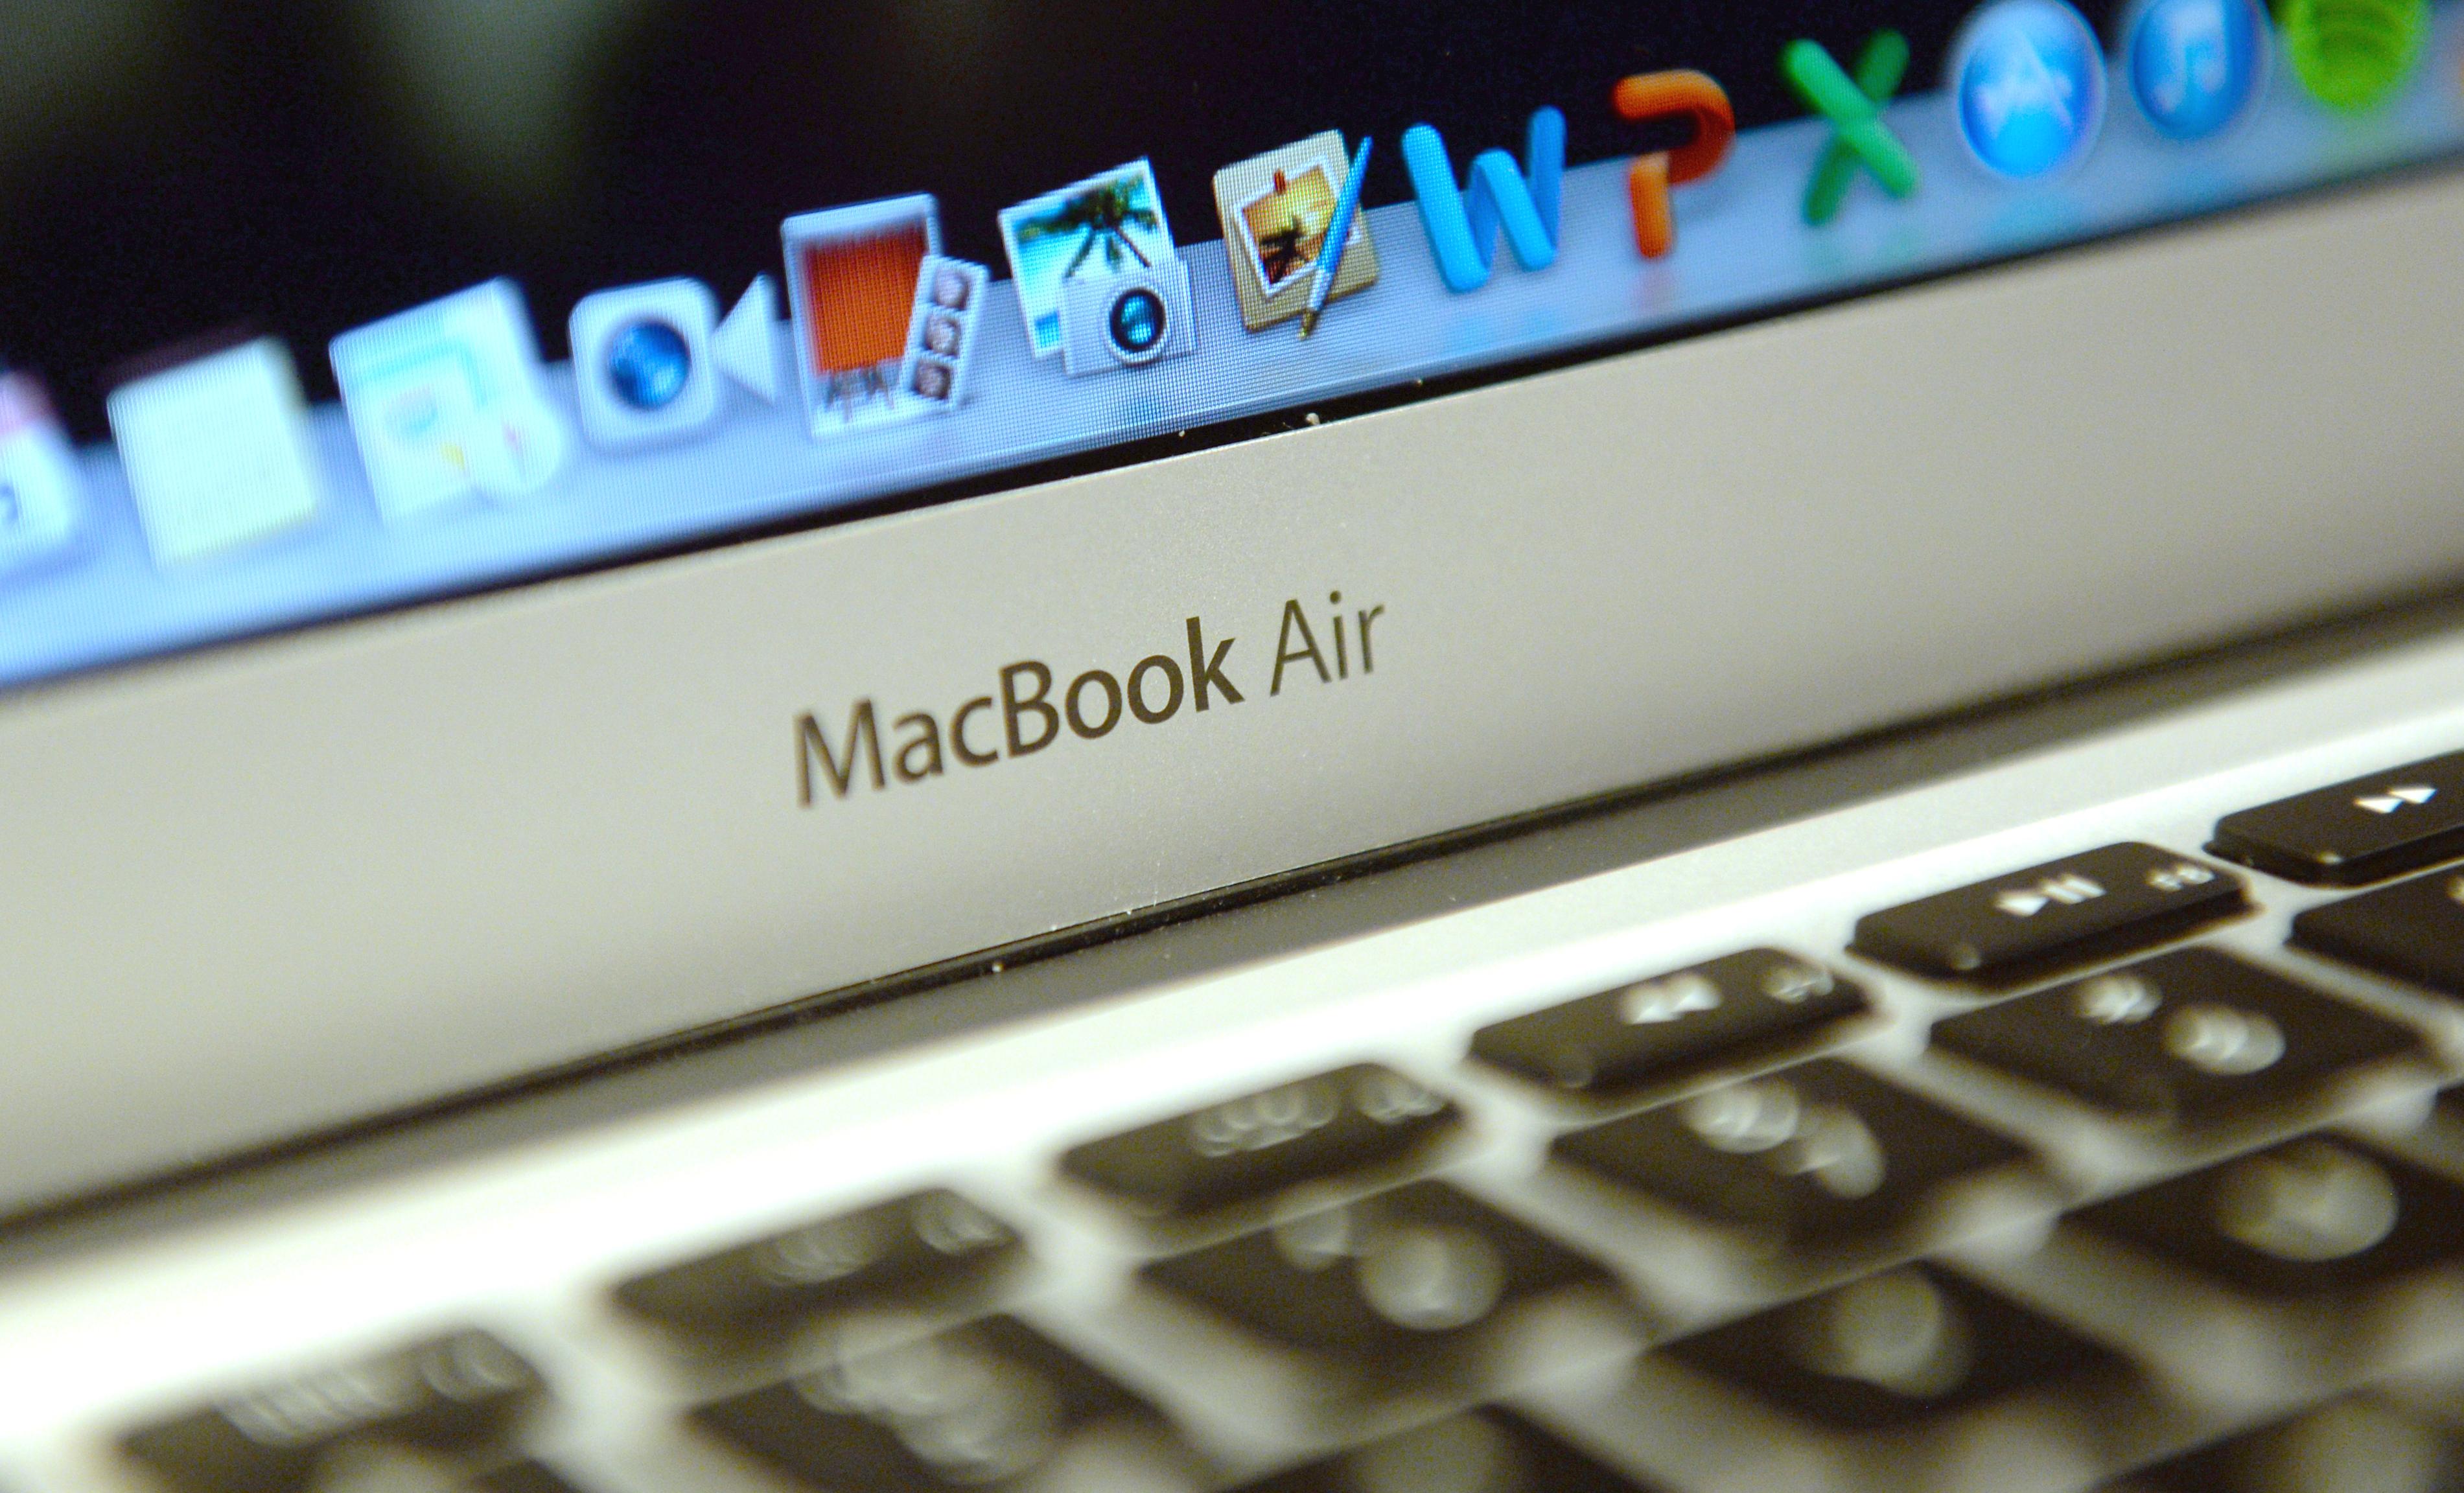 A Mac Book Air